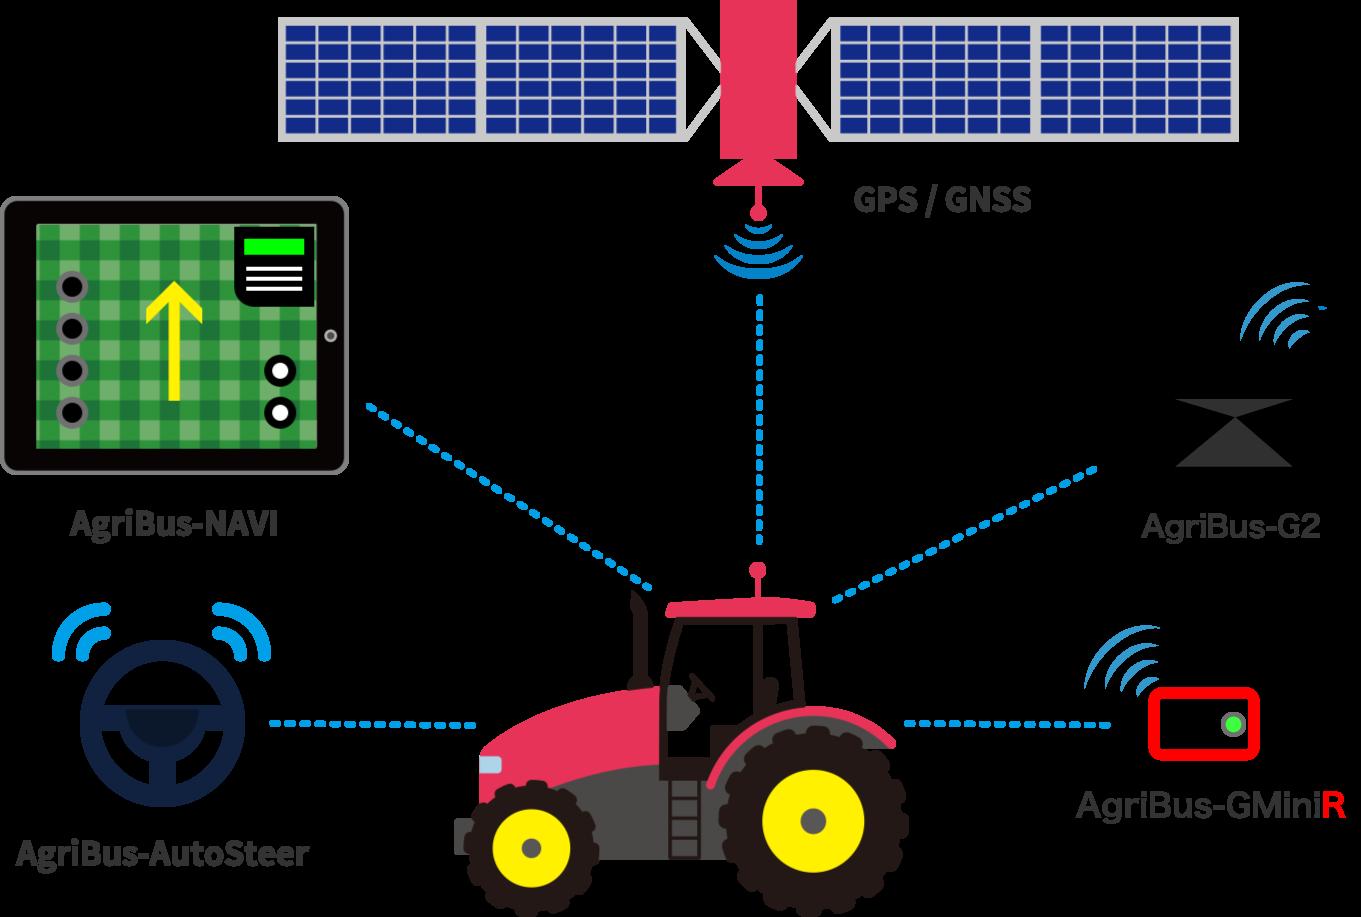 AgriBusシリーズで、あなたの農作業が進化します